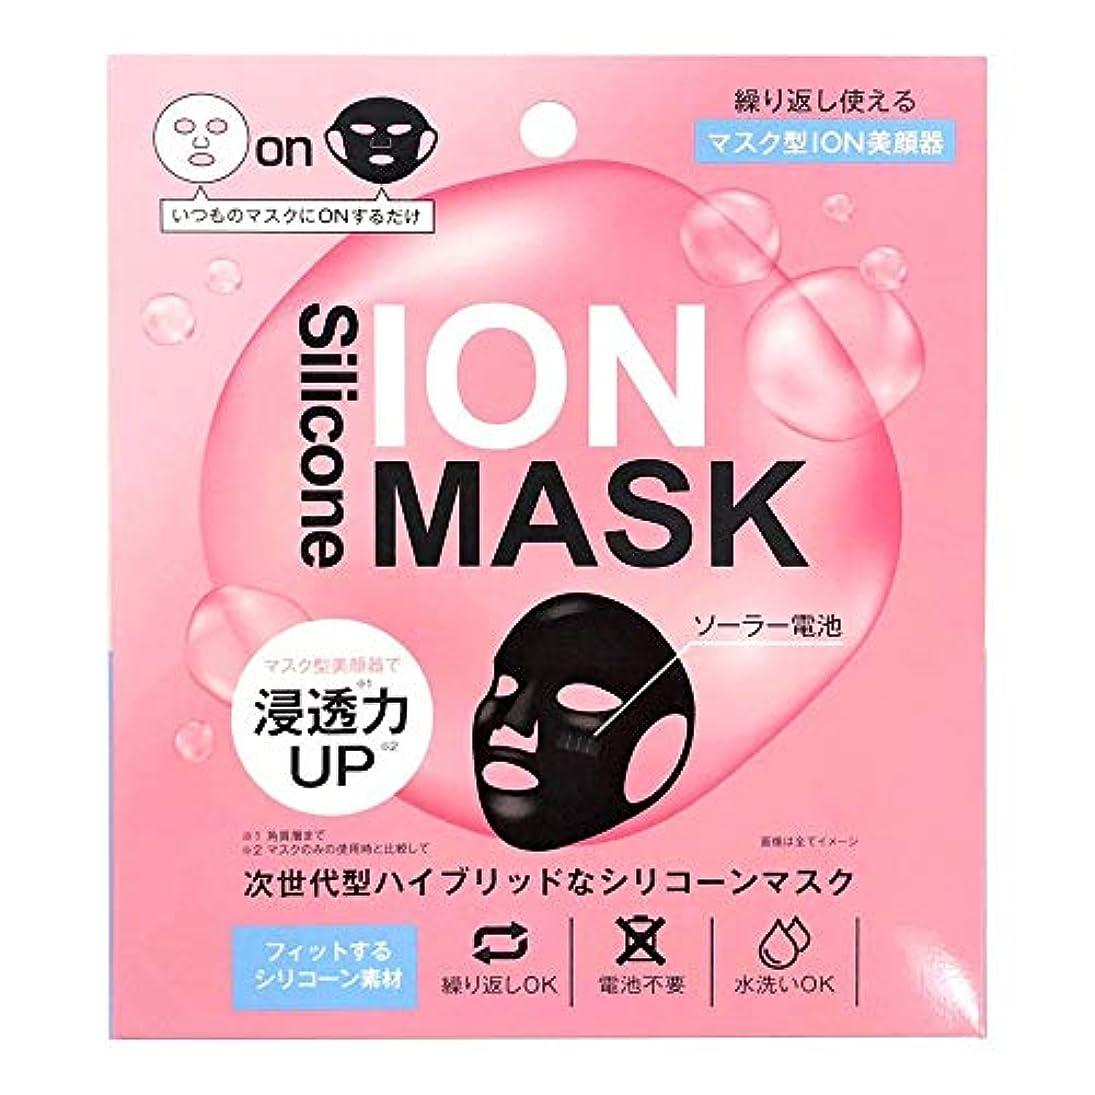 つづり踏み台保証ジャパンギャルズsc イオンシリコーンマスク フェイスマスク 1個